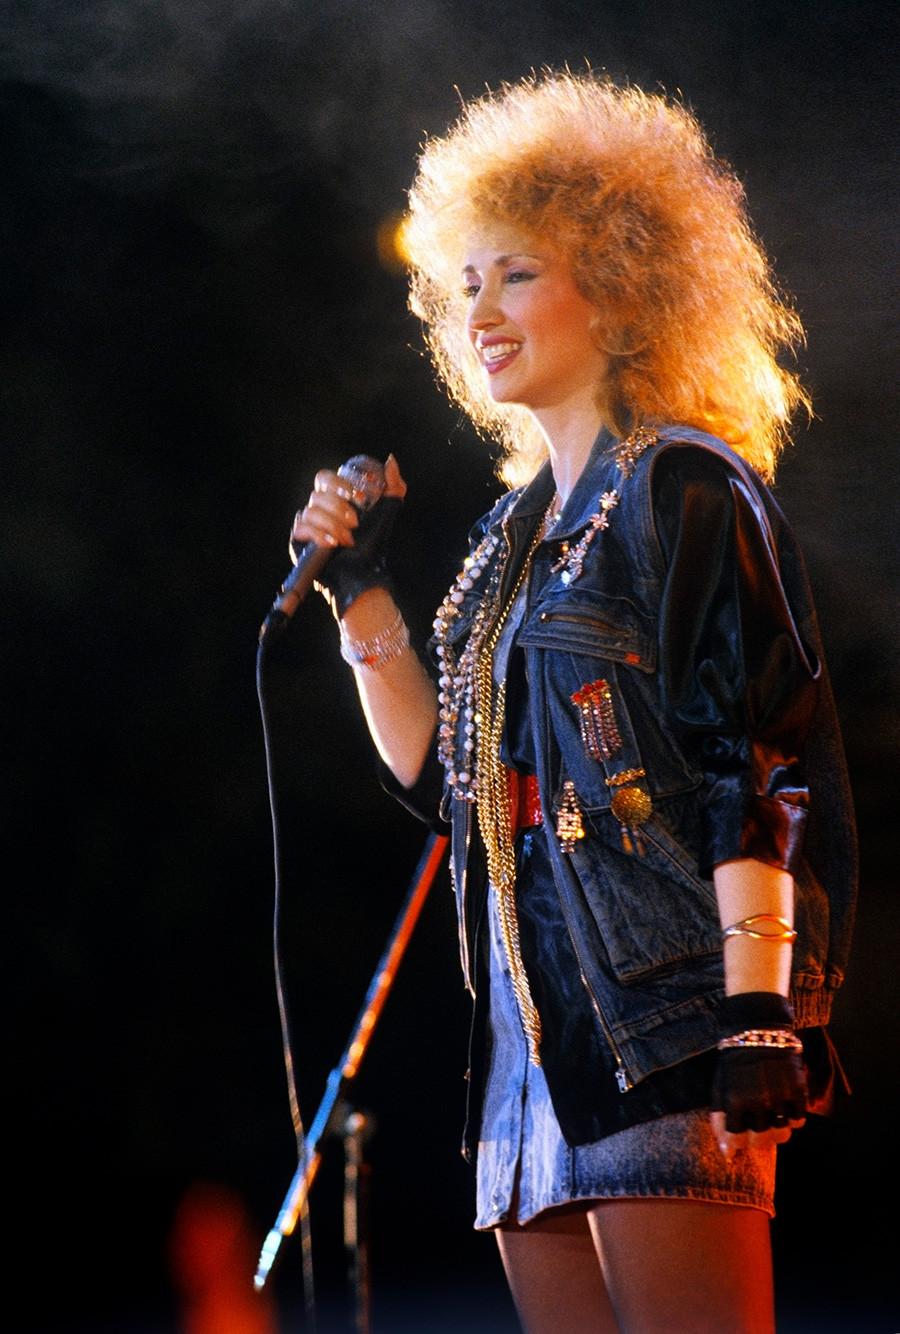 La cantante Irina Allegrova